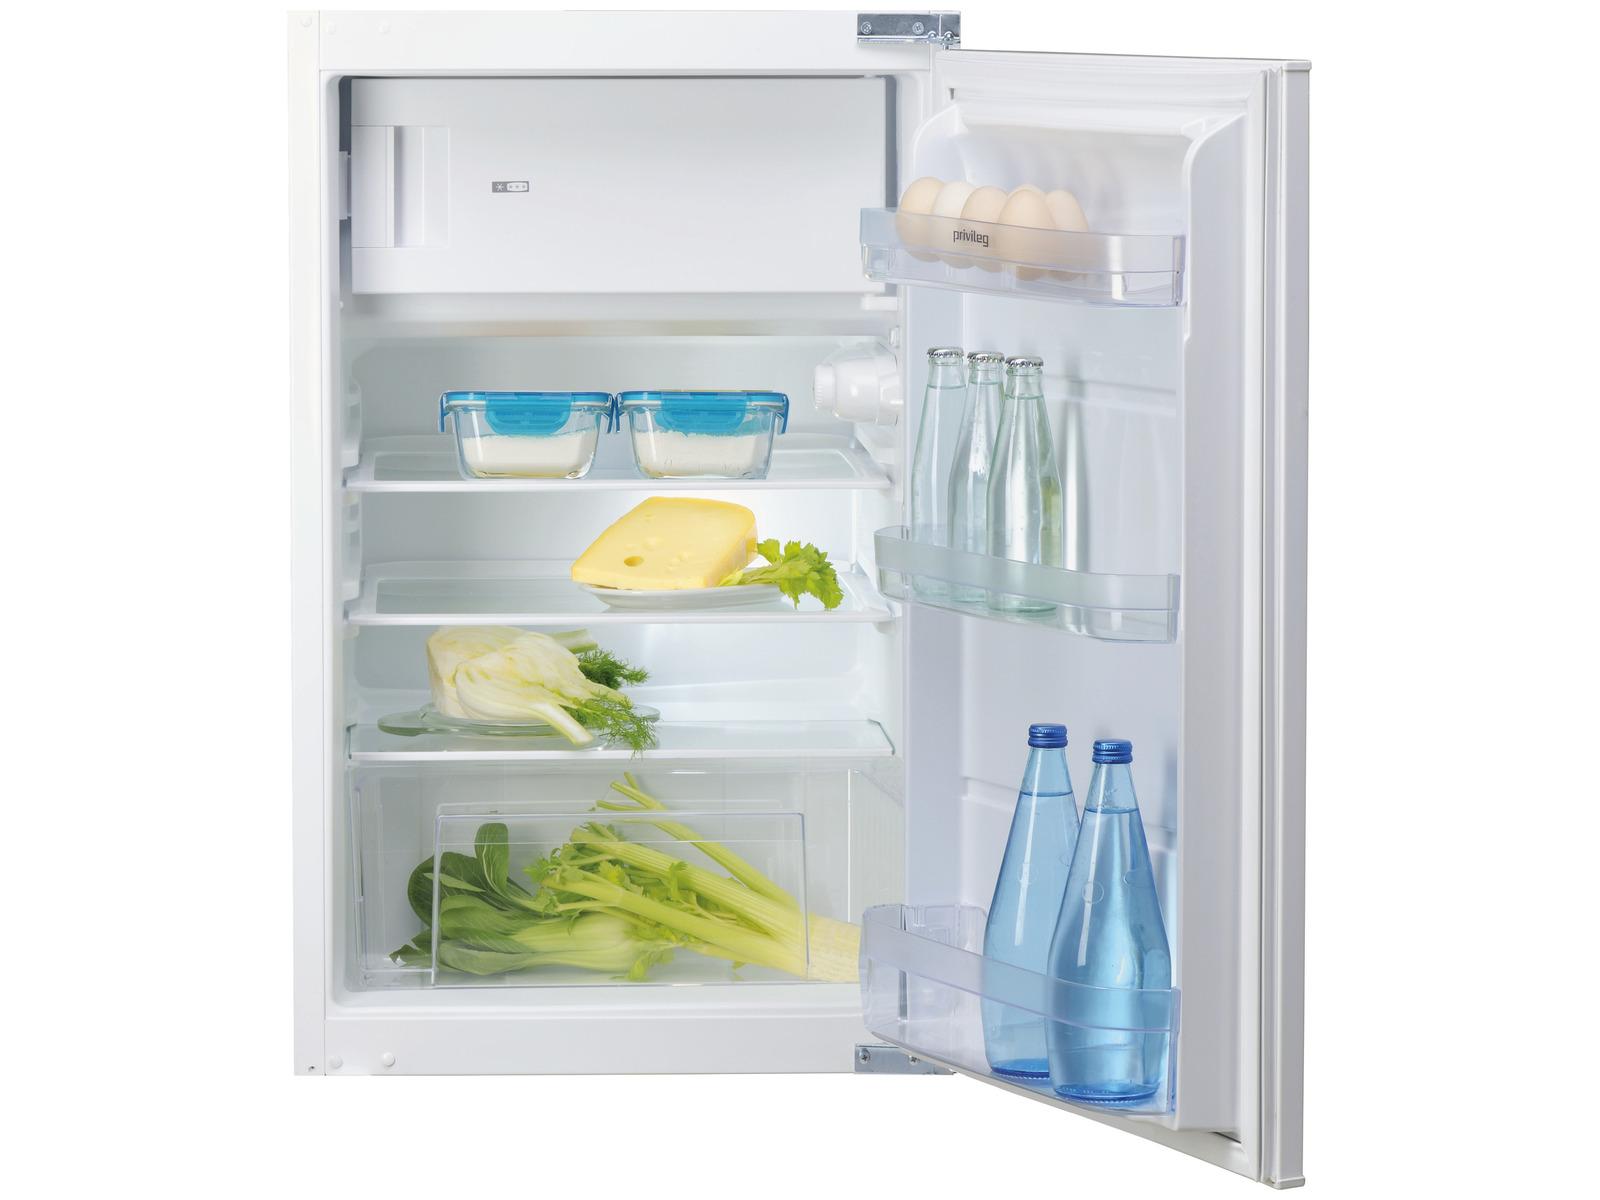 Kühlschrank Mit Gefrierfach Klein : Privileg einbau kühlschrank mit gefrierfach a prc a psi